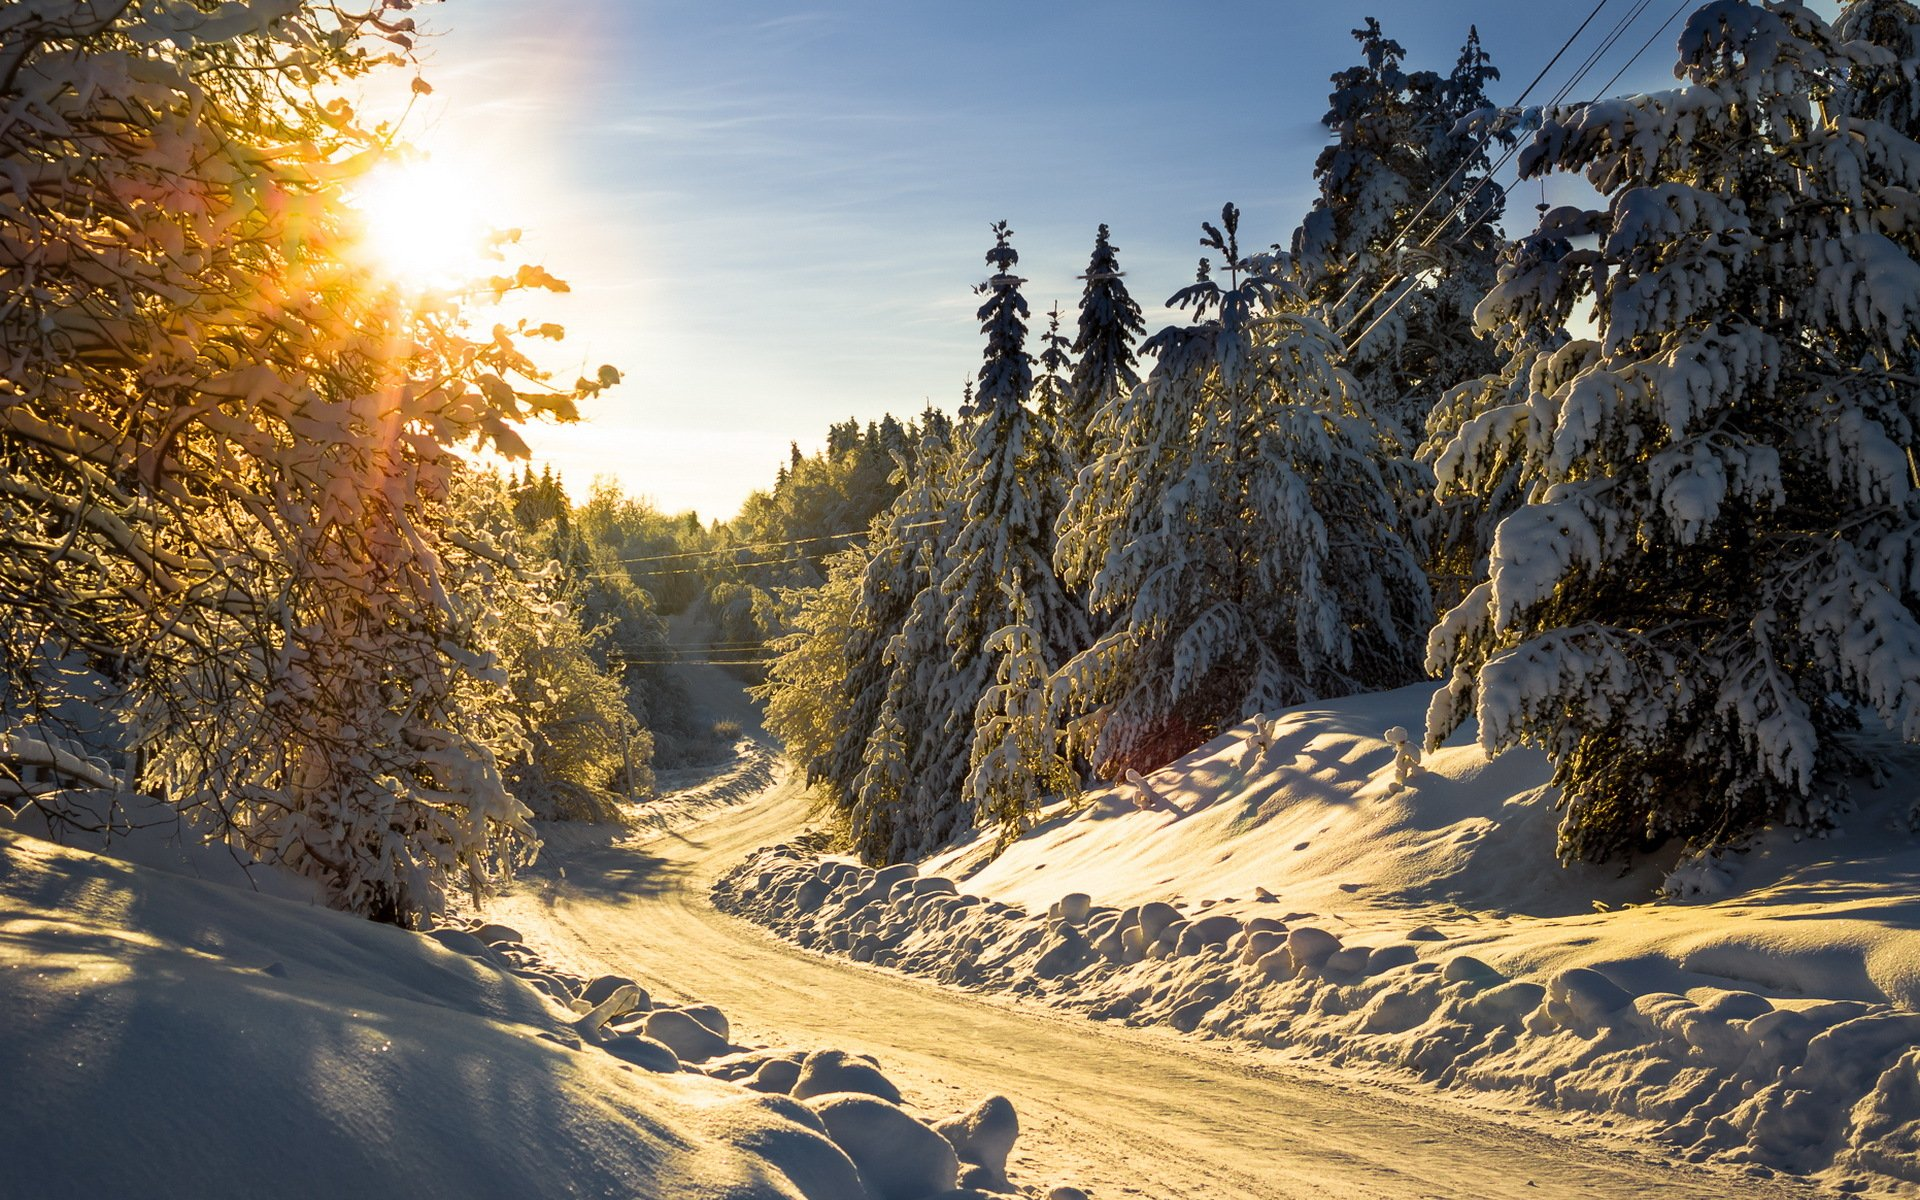 Пейзажи природы зима фото